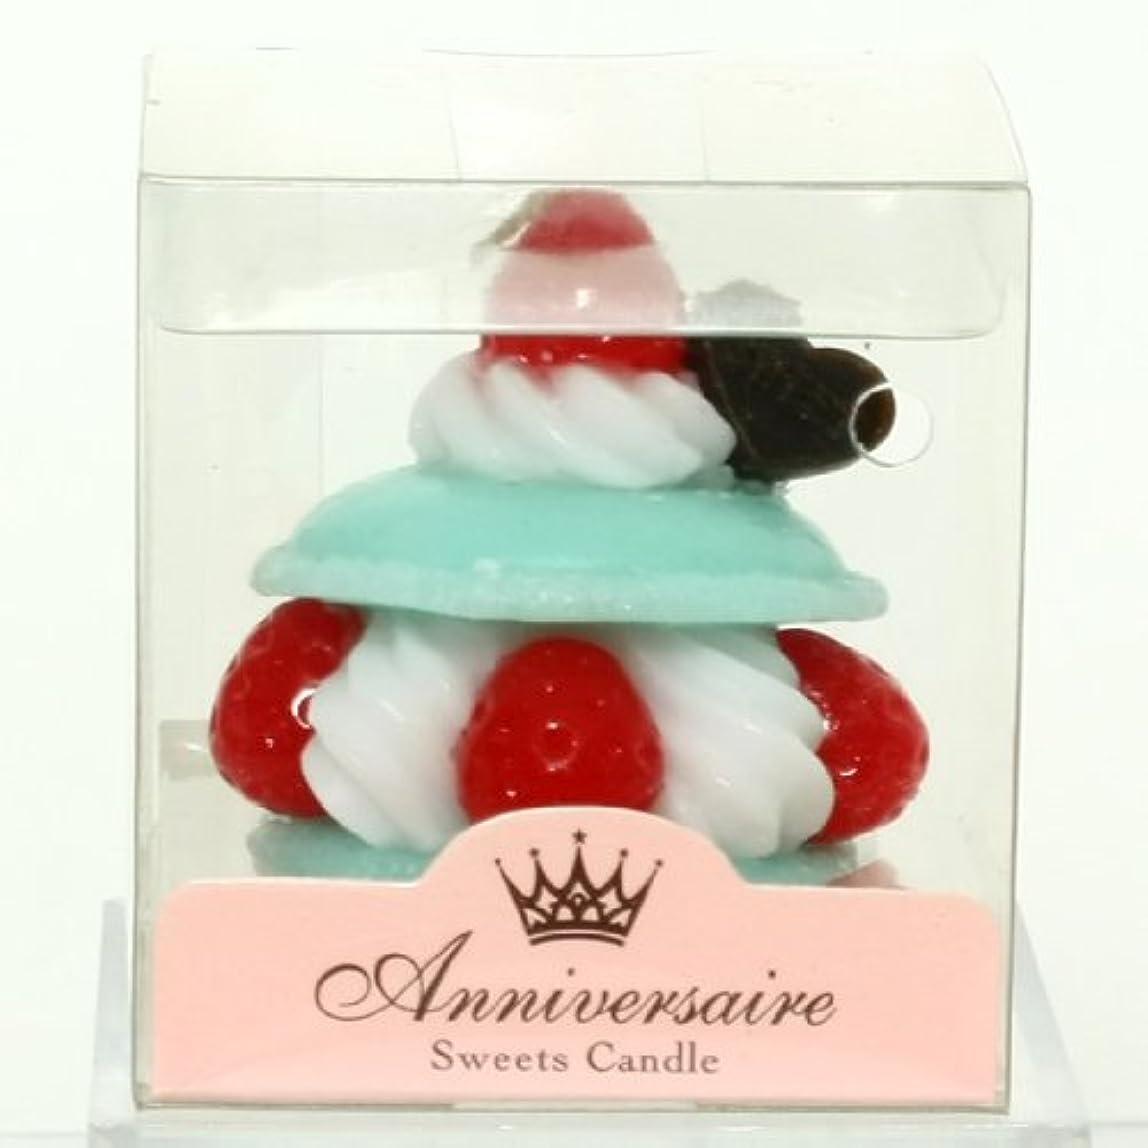 フェリーペースお酒sweets candle(スイーツキャンドル) マカロンケーキキャンドル【ミント】(ba6580500mt)